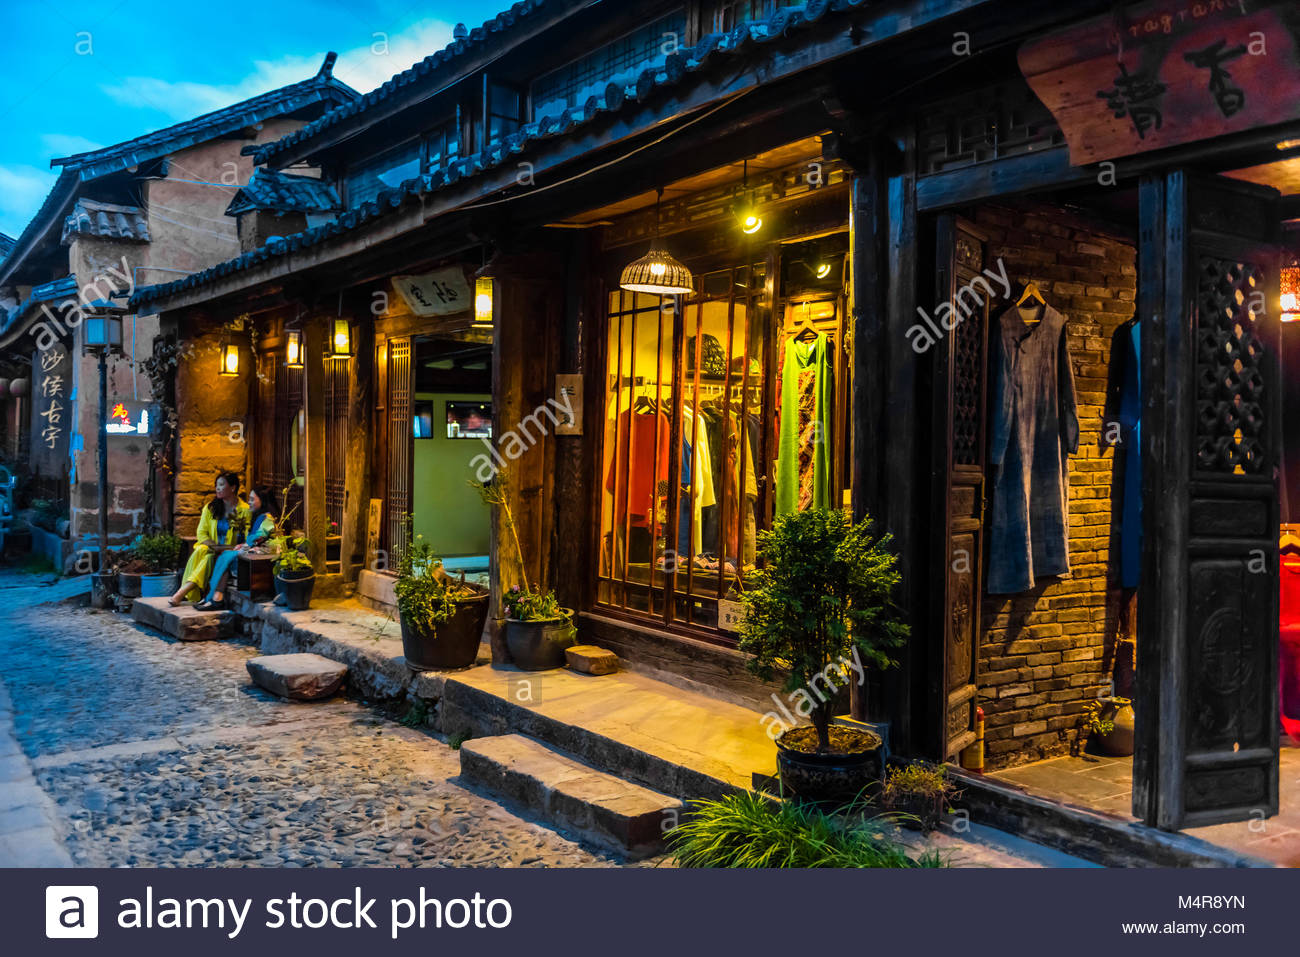 Negozi allinterno di case ristrutturate, la città mercato di Shaxi ...